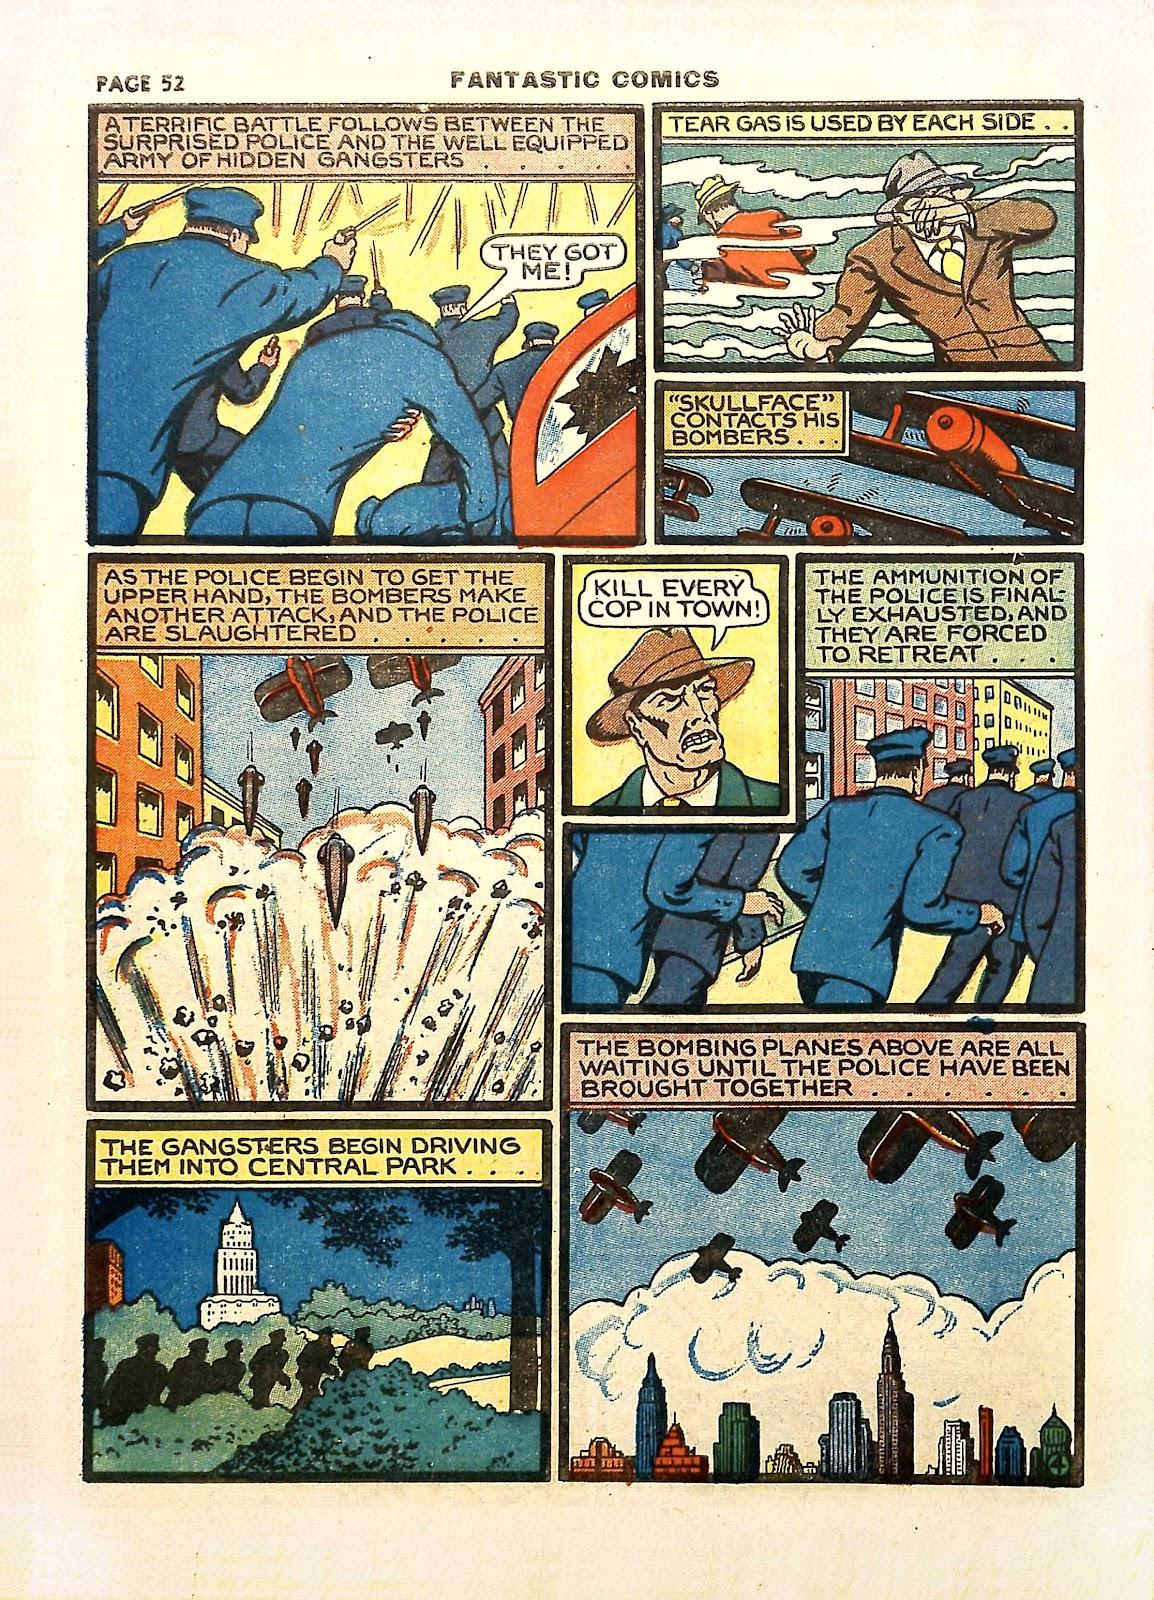 Read online Fantastic Comics comic -  Issue #11 - 55